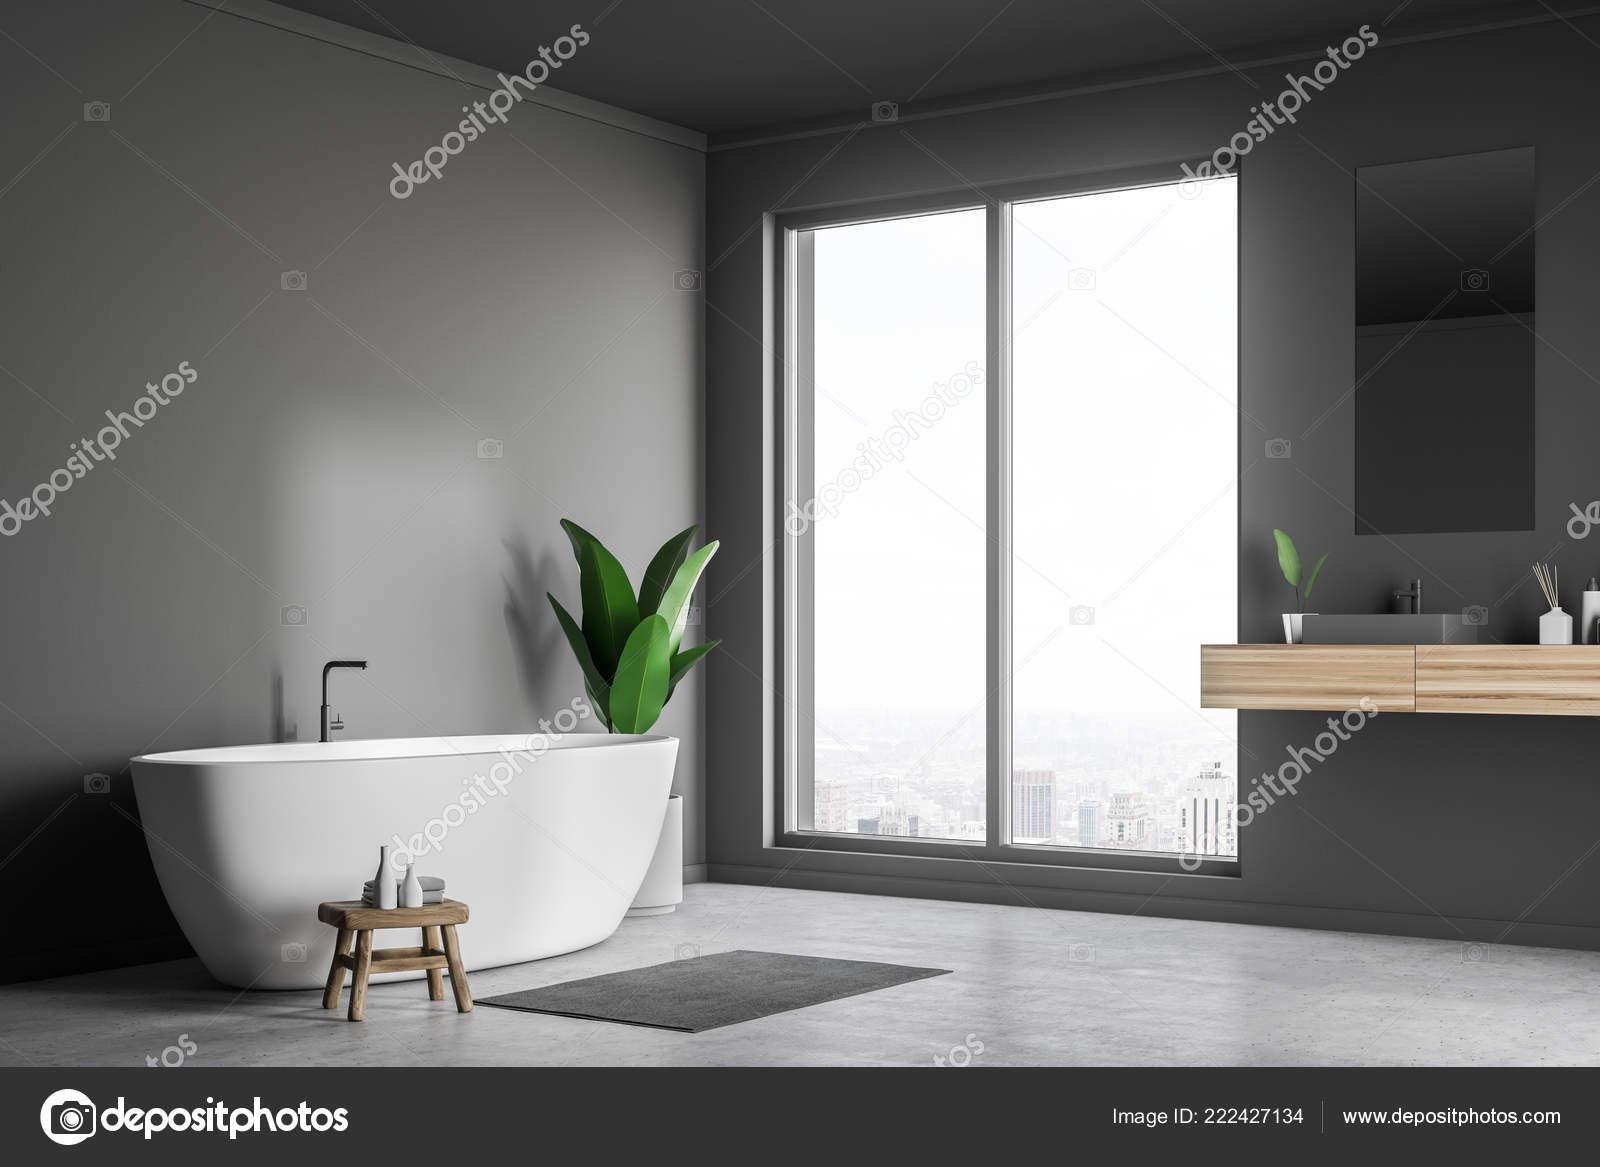 Vasca Da Lavare In Cemento : Angolo bagno soppalco con pareti grigie pavimento cemento vasca